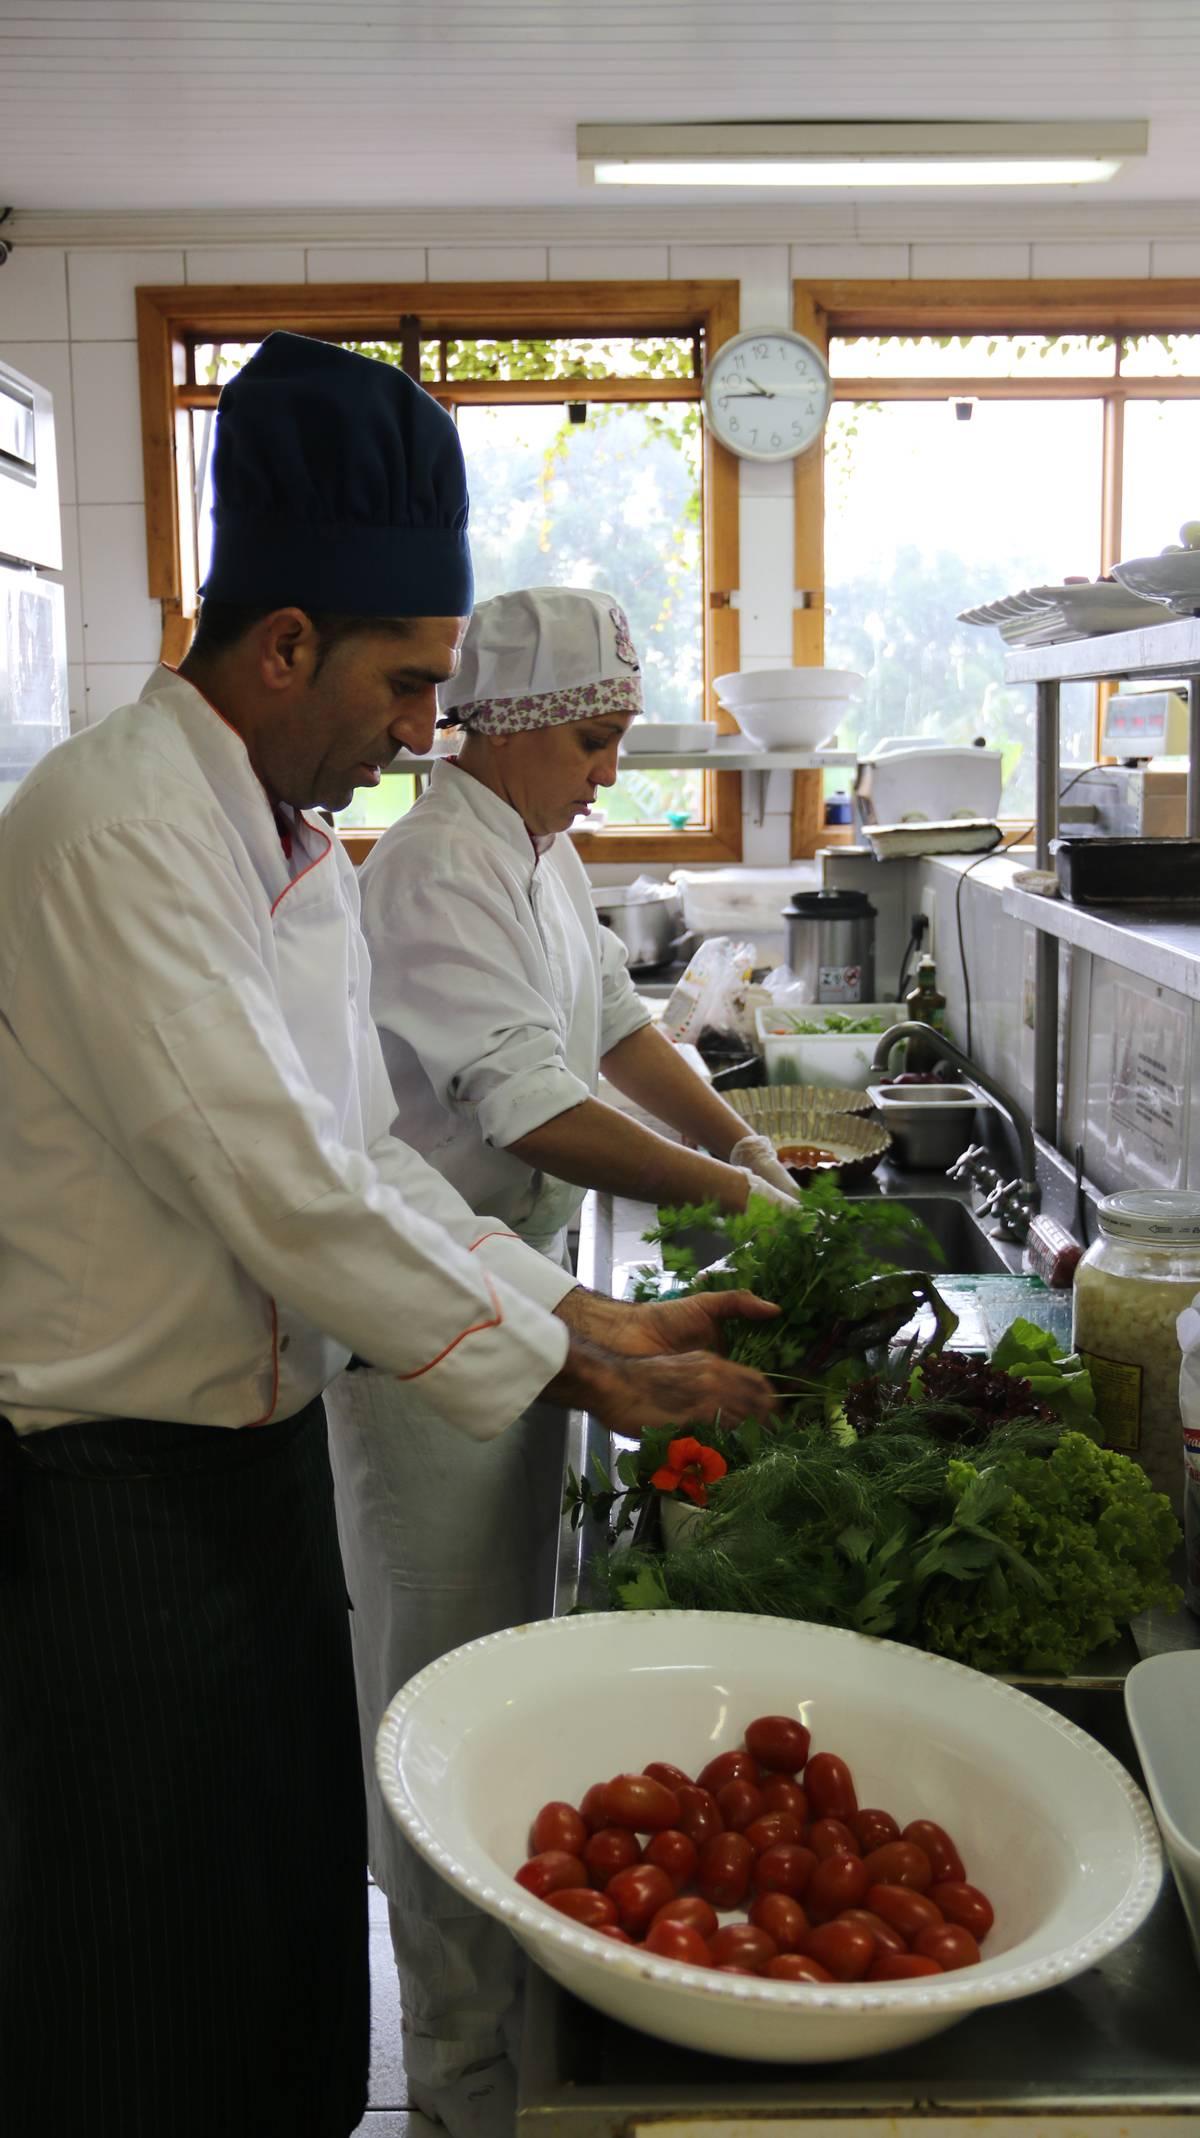 Alimentos colhidos pela manhã são levados à cozinha, selecionados, limpos e servidos | Eliane Quinalia